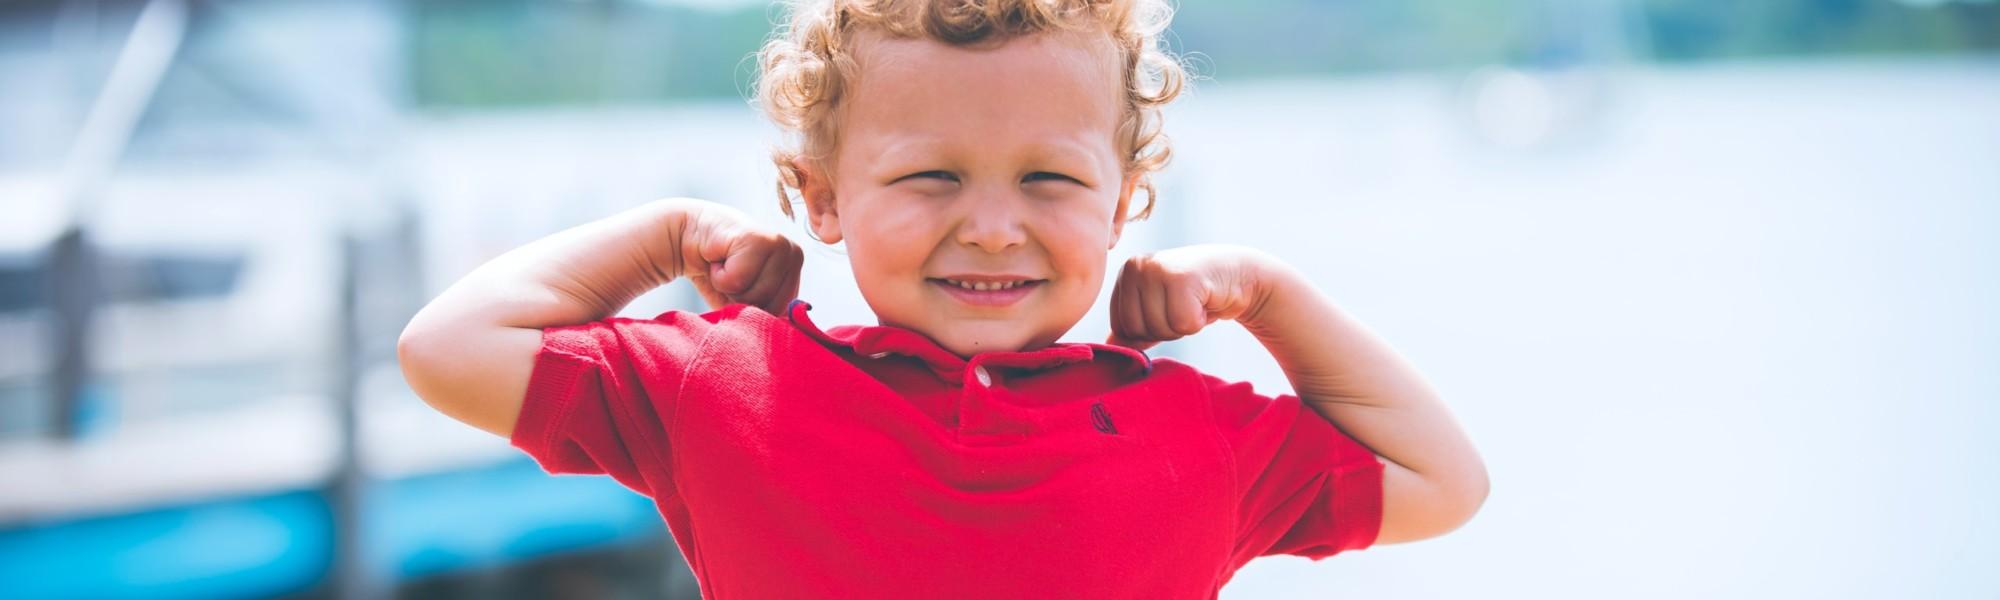 Kuvassa pieni kikkarahiuksinen ja punapaitainen poika pullistelee hauislihaksia ja esittää kuinka vahva hän on.